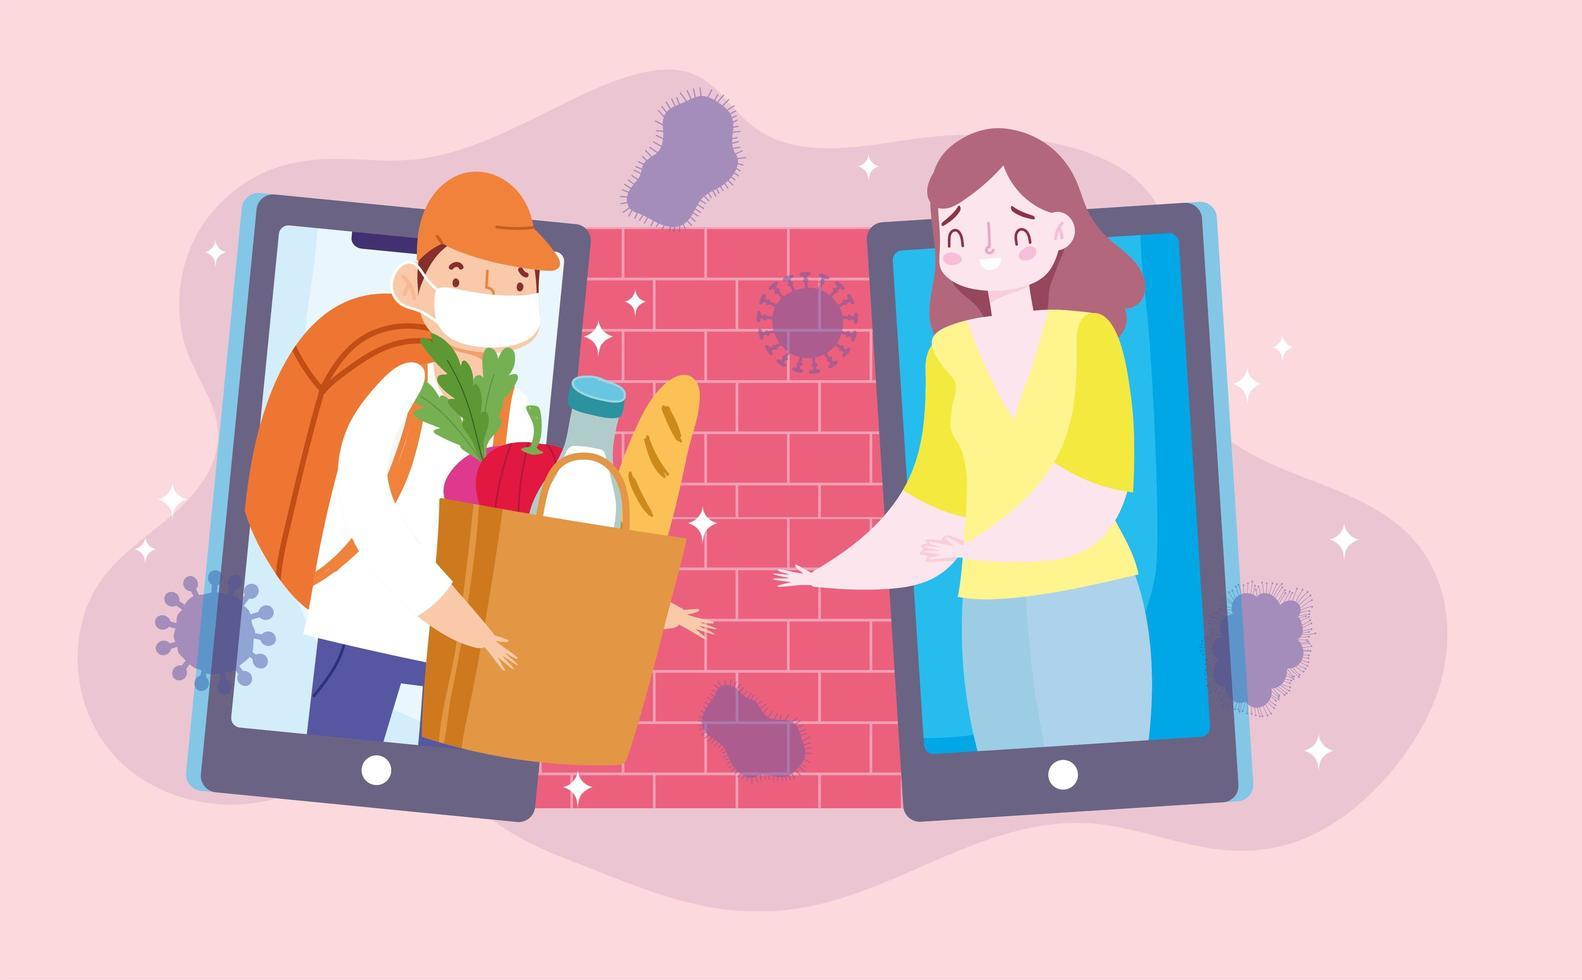 Online-Lebensmittelbestellung wird sicher zu Hause geliefert vektor